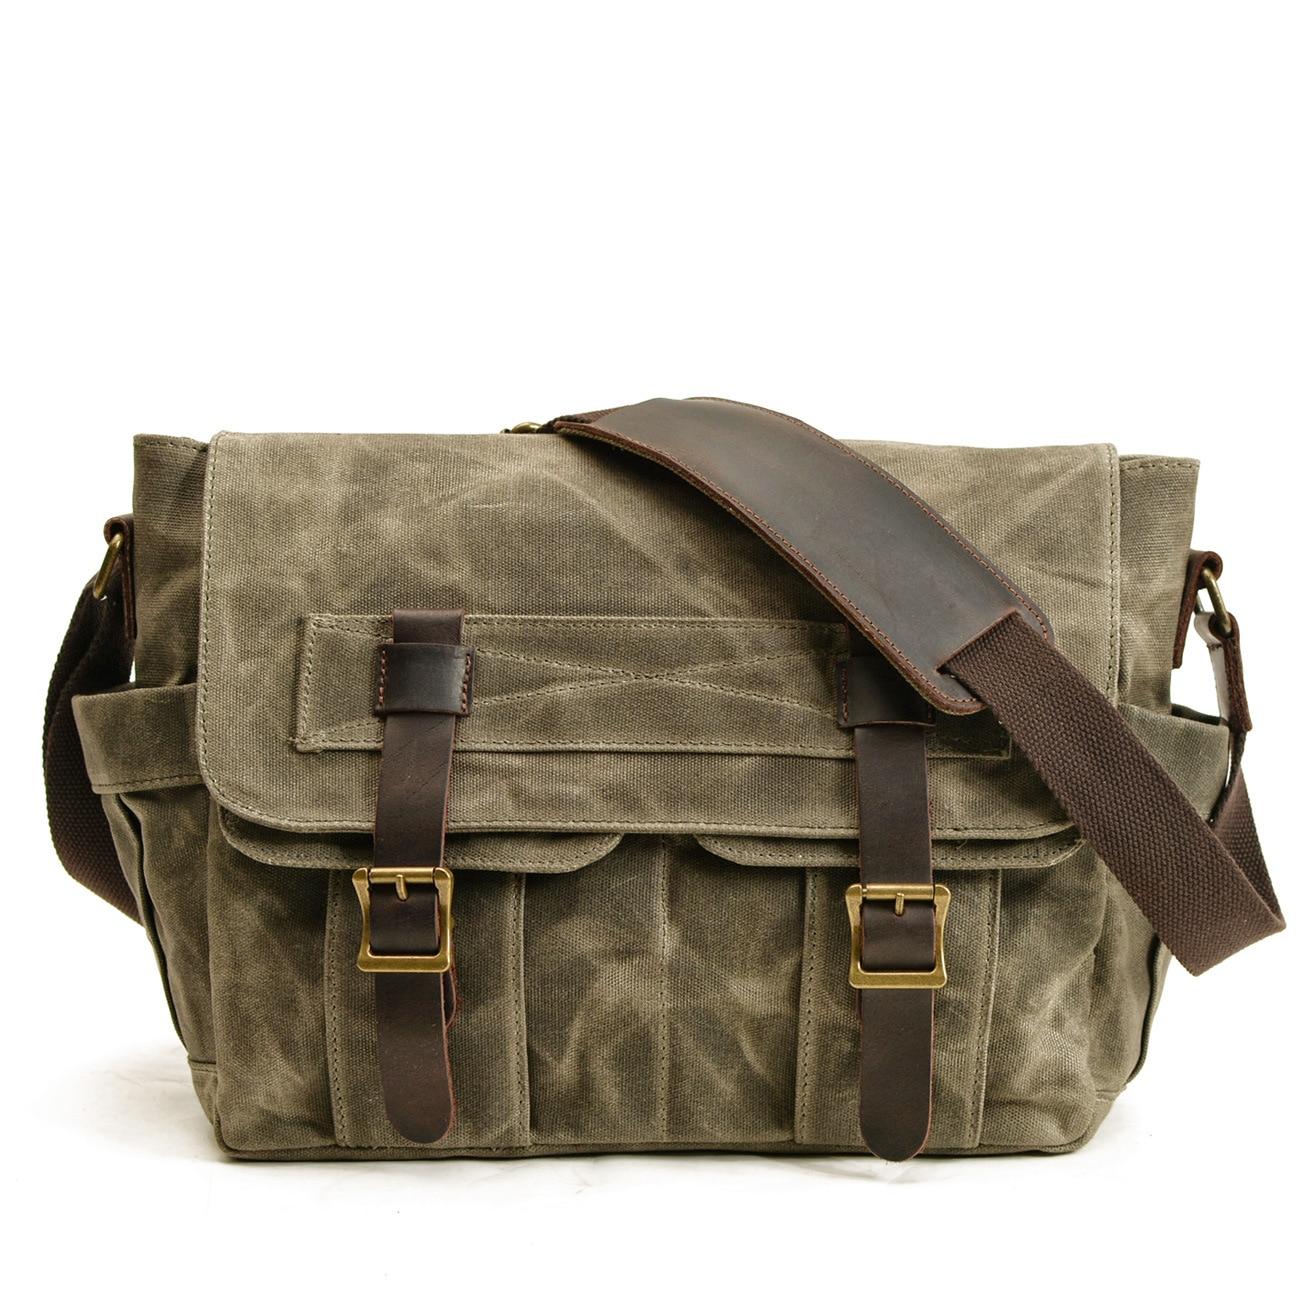 Classic Tooling Shoulder Shoulder Bag Canvas Bag Vintage Waterproof Locomotive Side Convex Motorcycle Side Cladding Commuter Bag